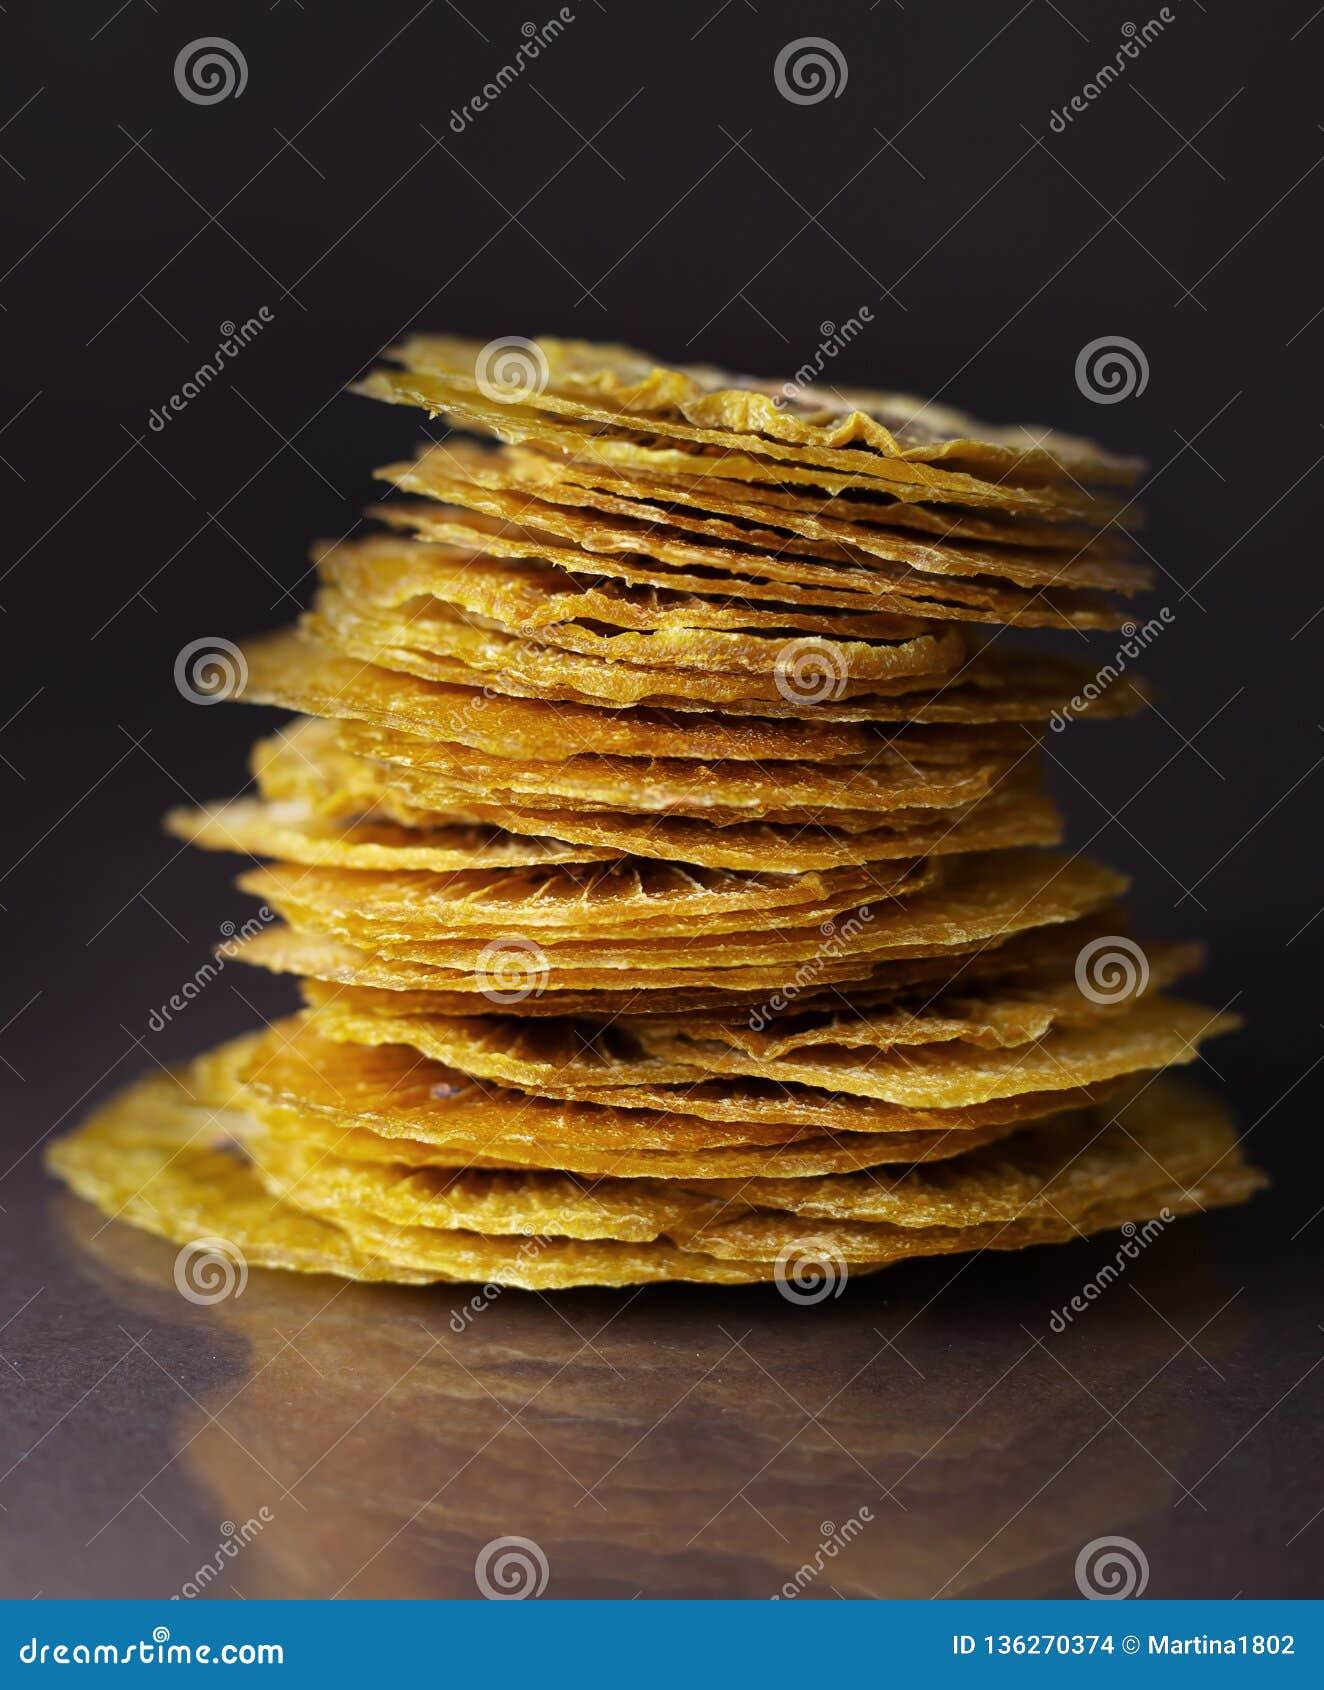 Dried kiwi slices